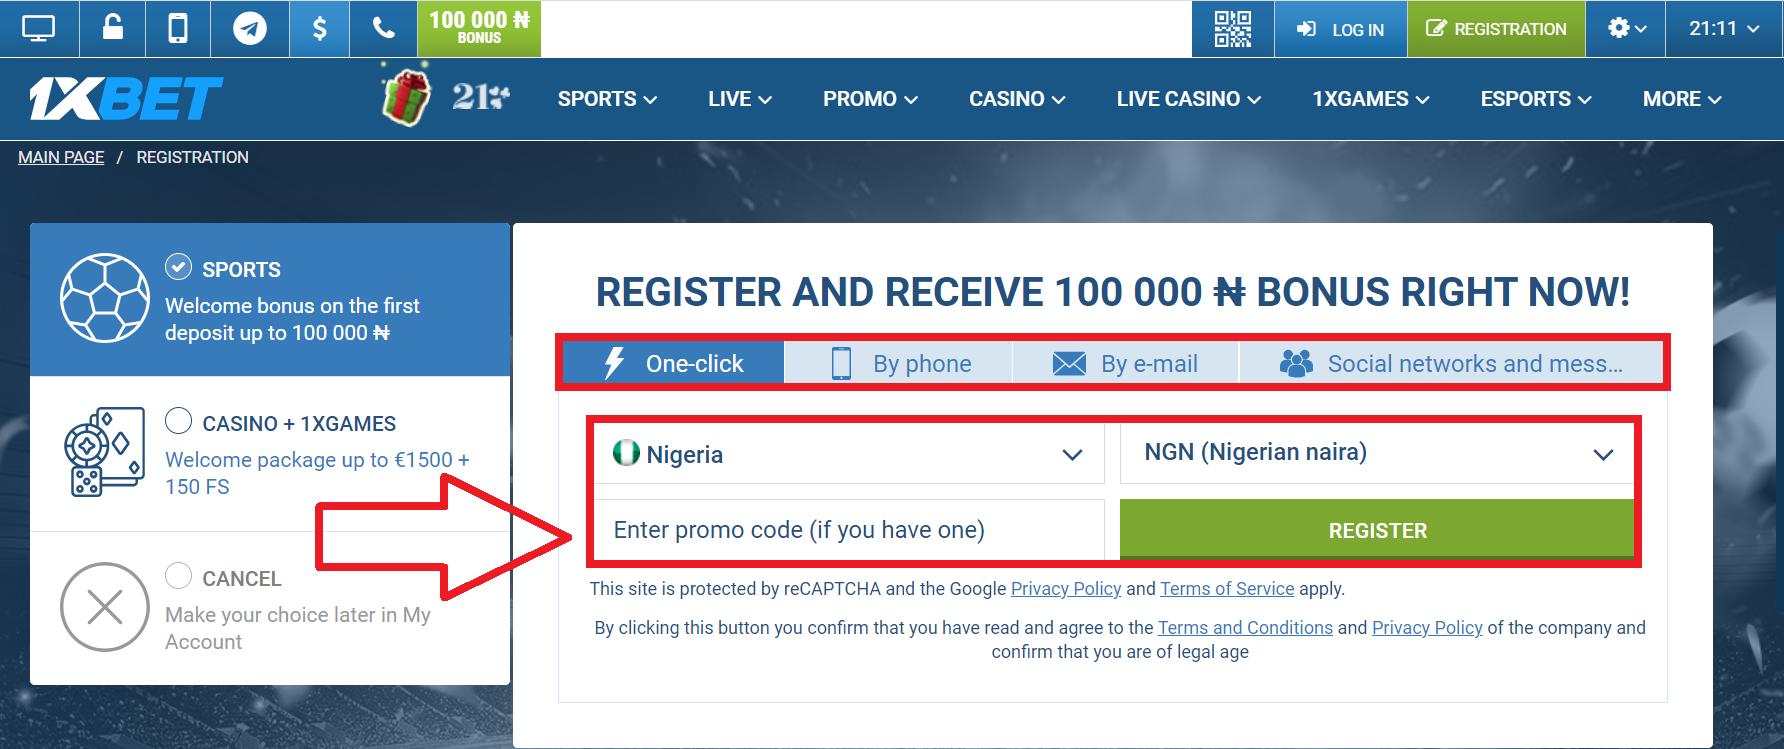 1xBet Nigeriaregistration Bonus Read more